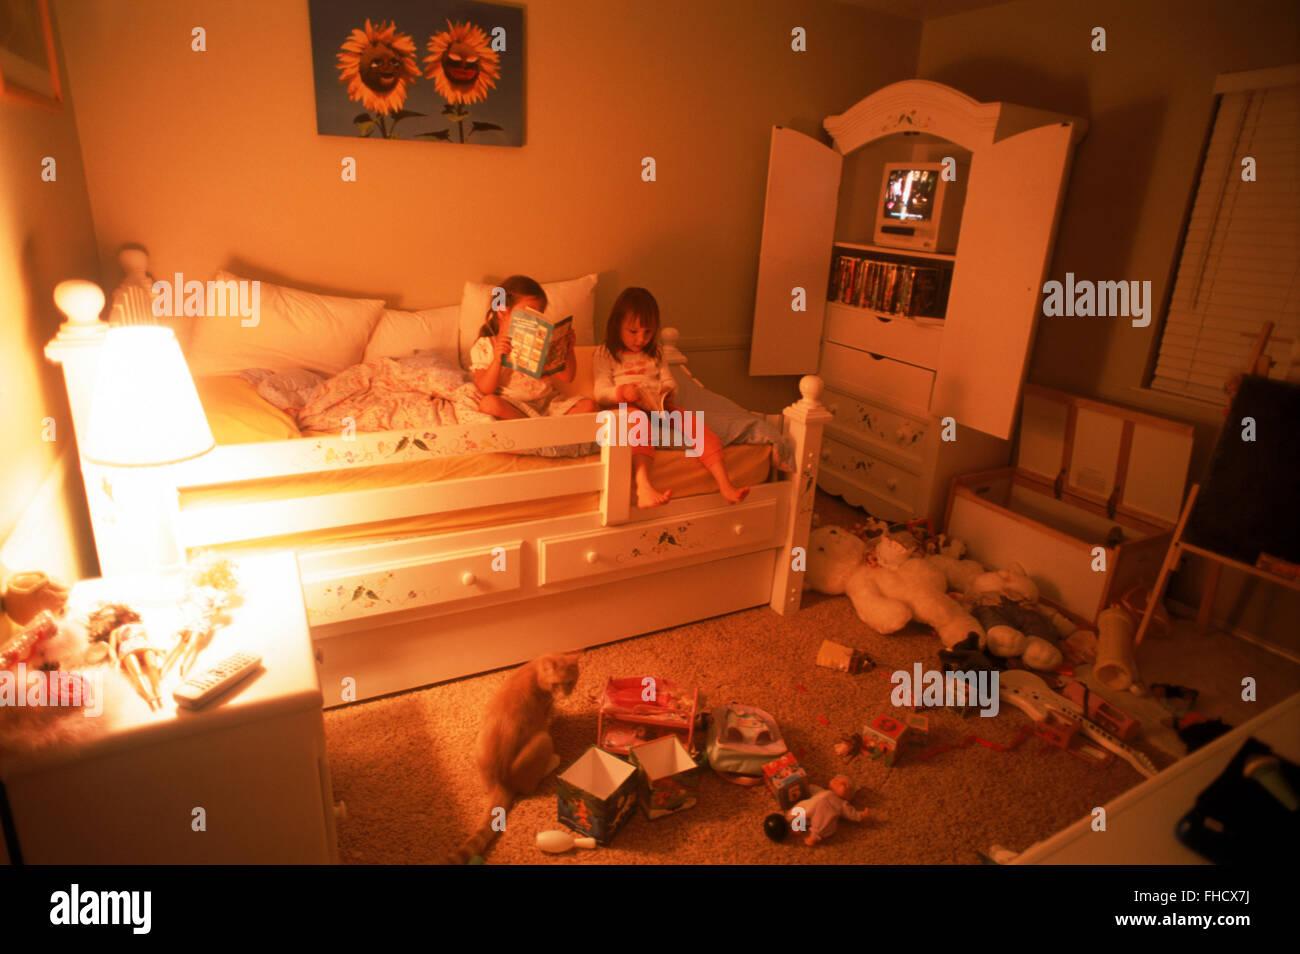 Deux jeunes filles dans la chambre au milieu de la mer malpropre toys Photo Stock